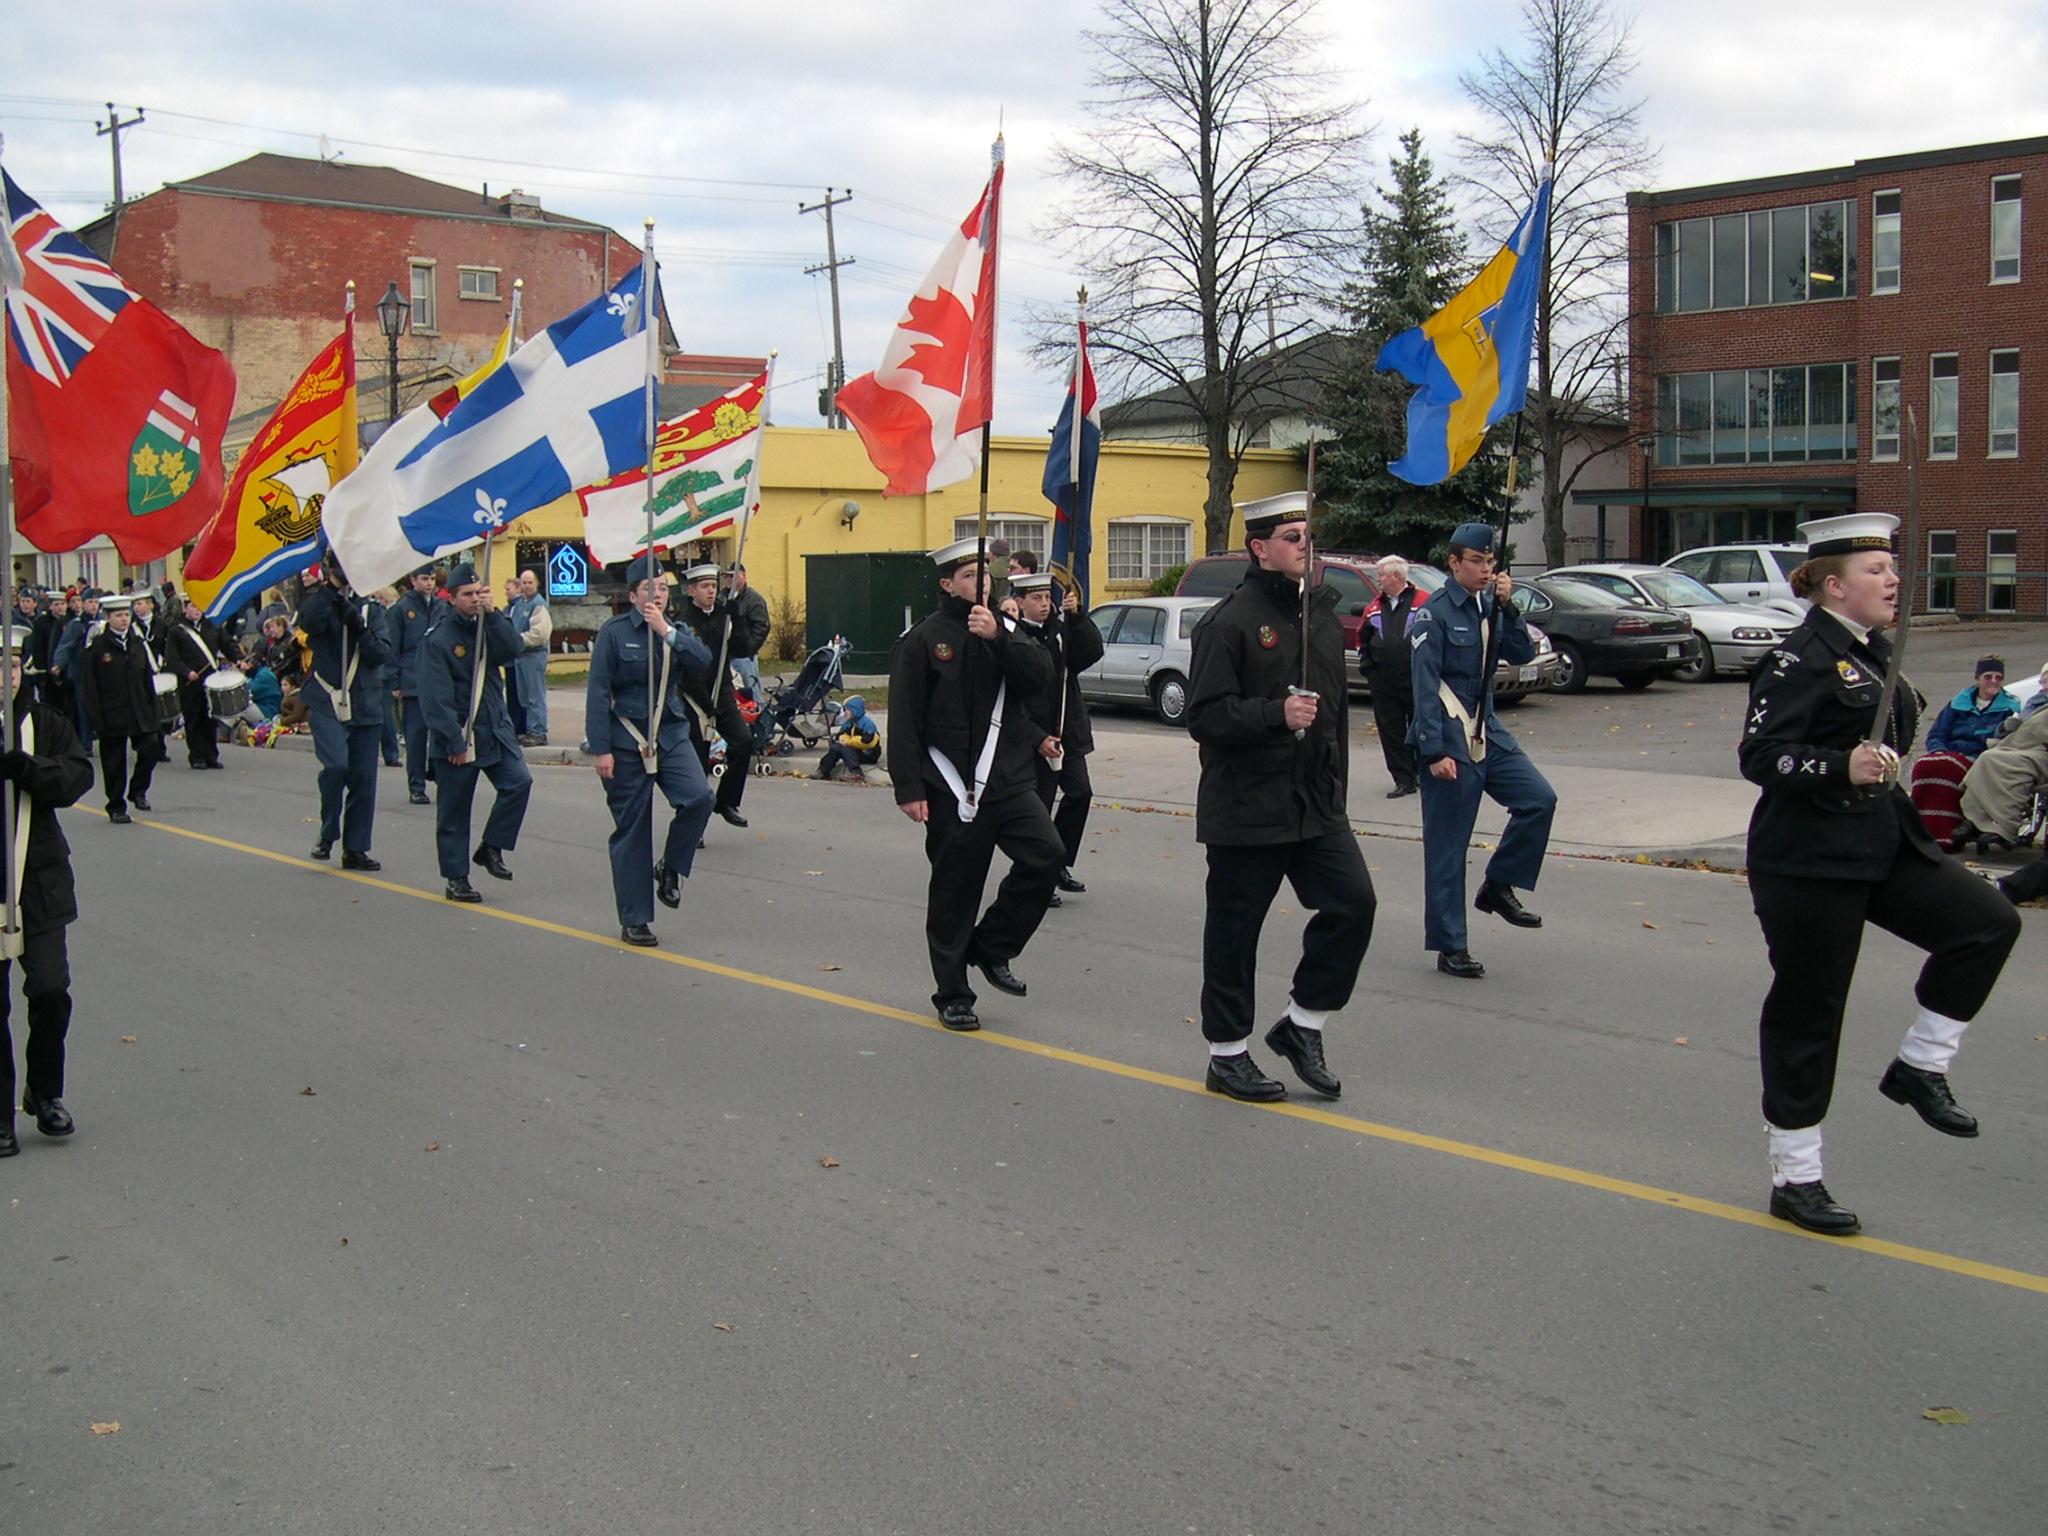 04-11-21 Cobourg Santa Claus Parade, Photo 16